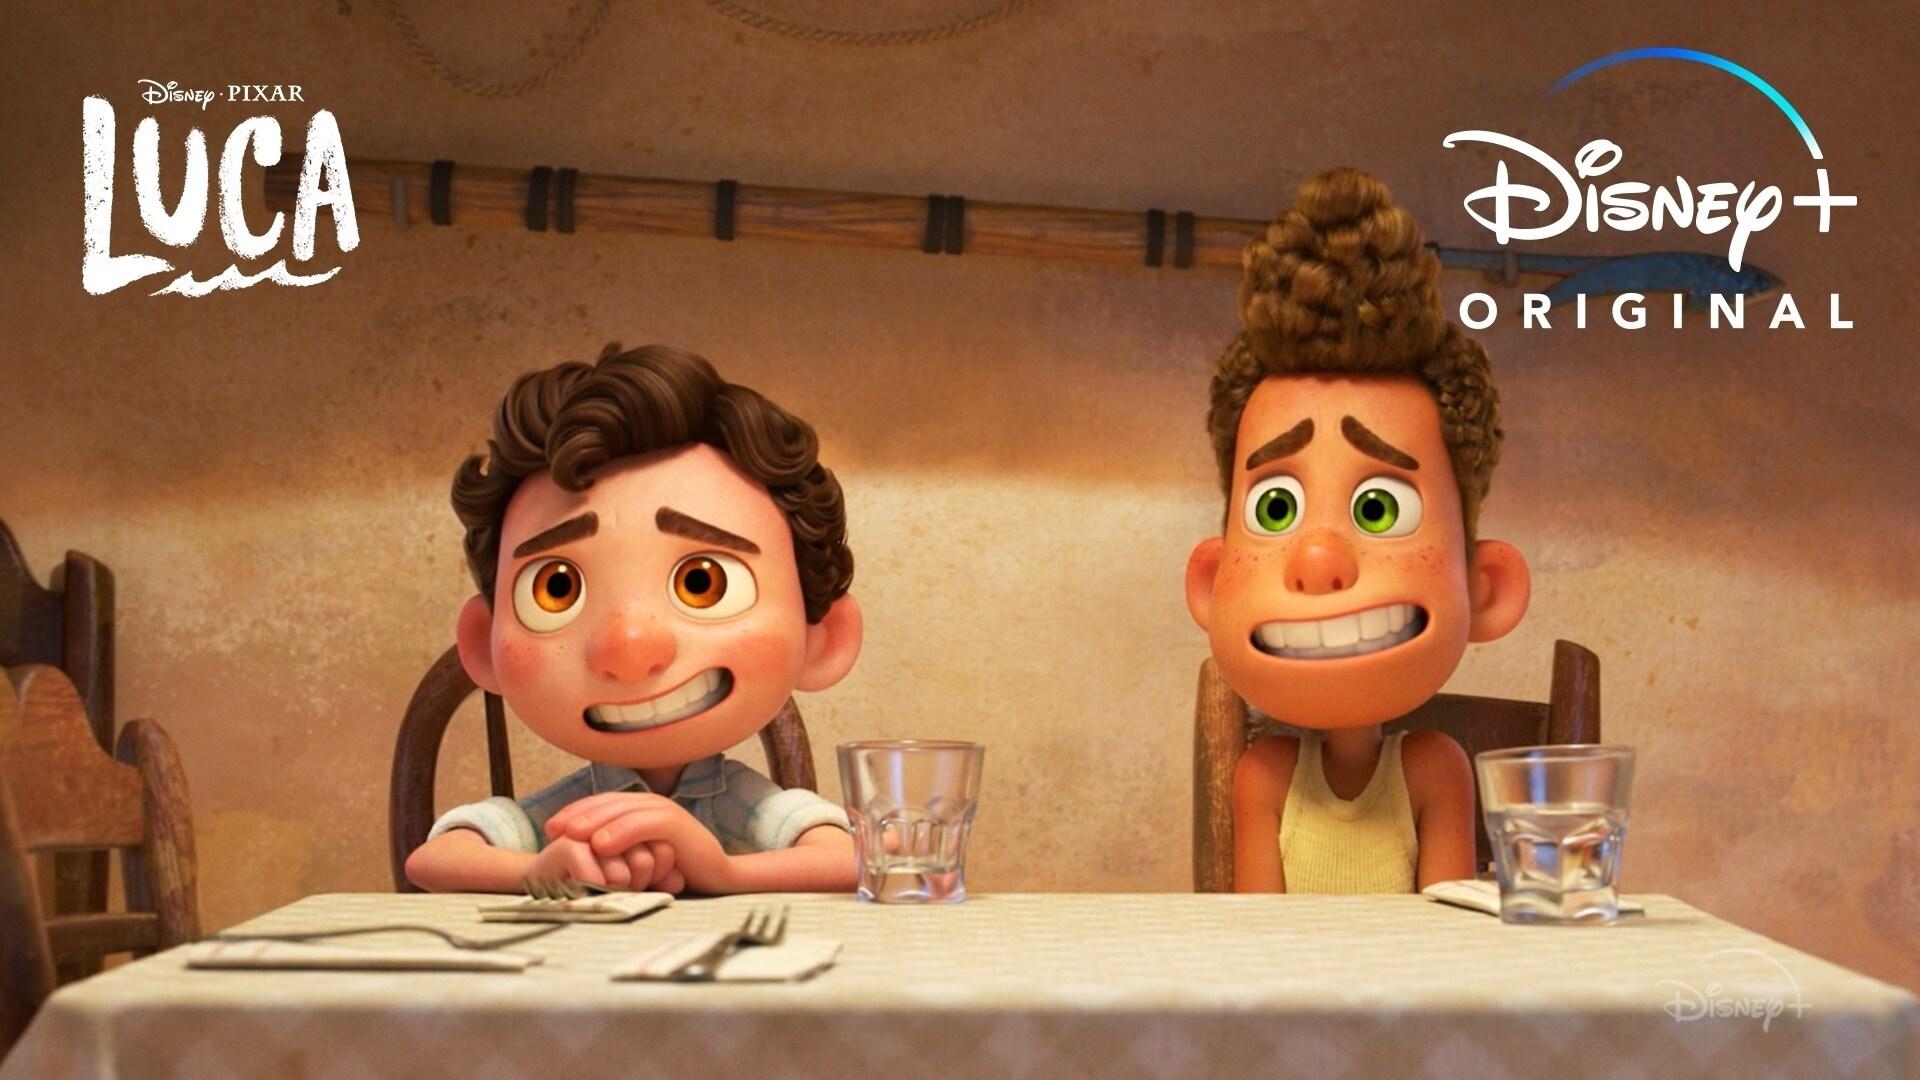 No Goofing Around | Disney and Pixar's Luca | Disney+